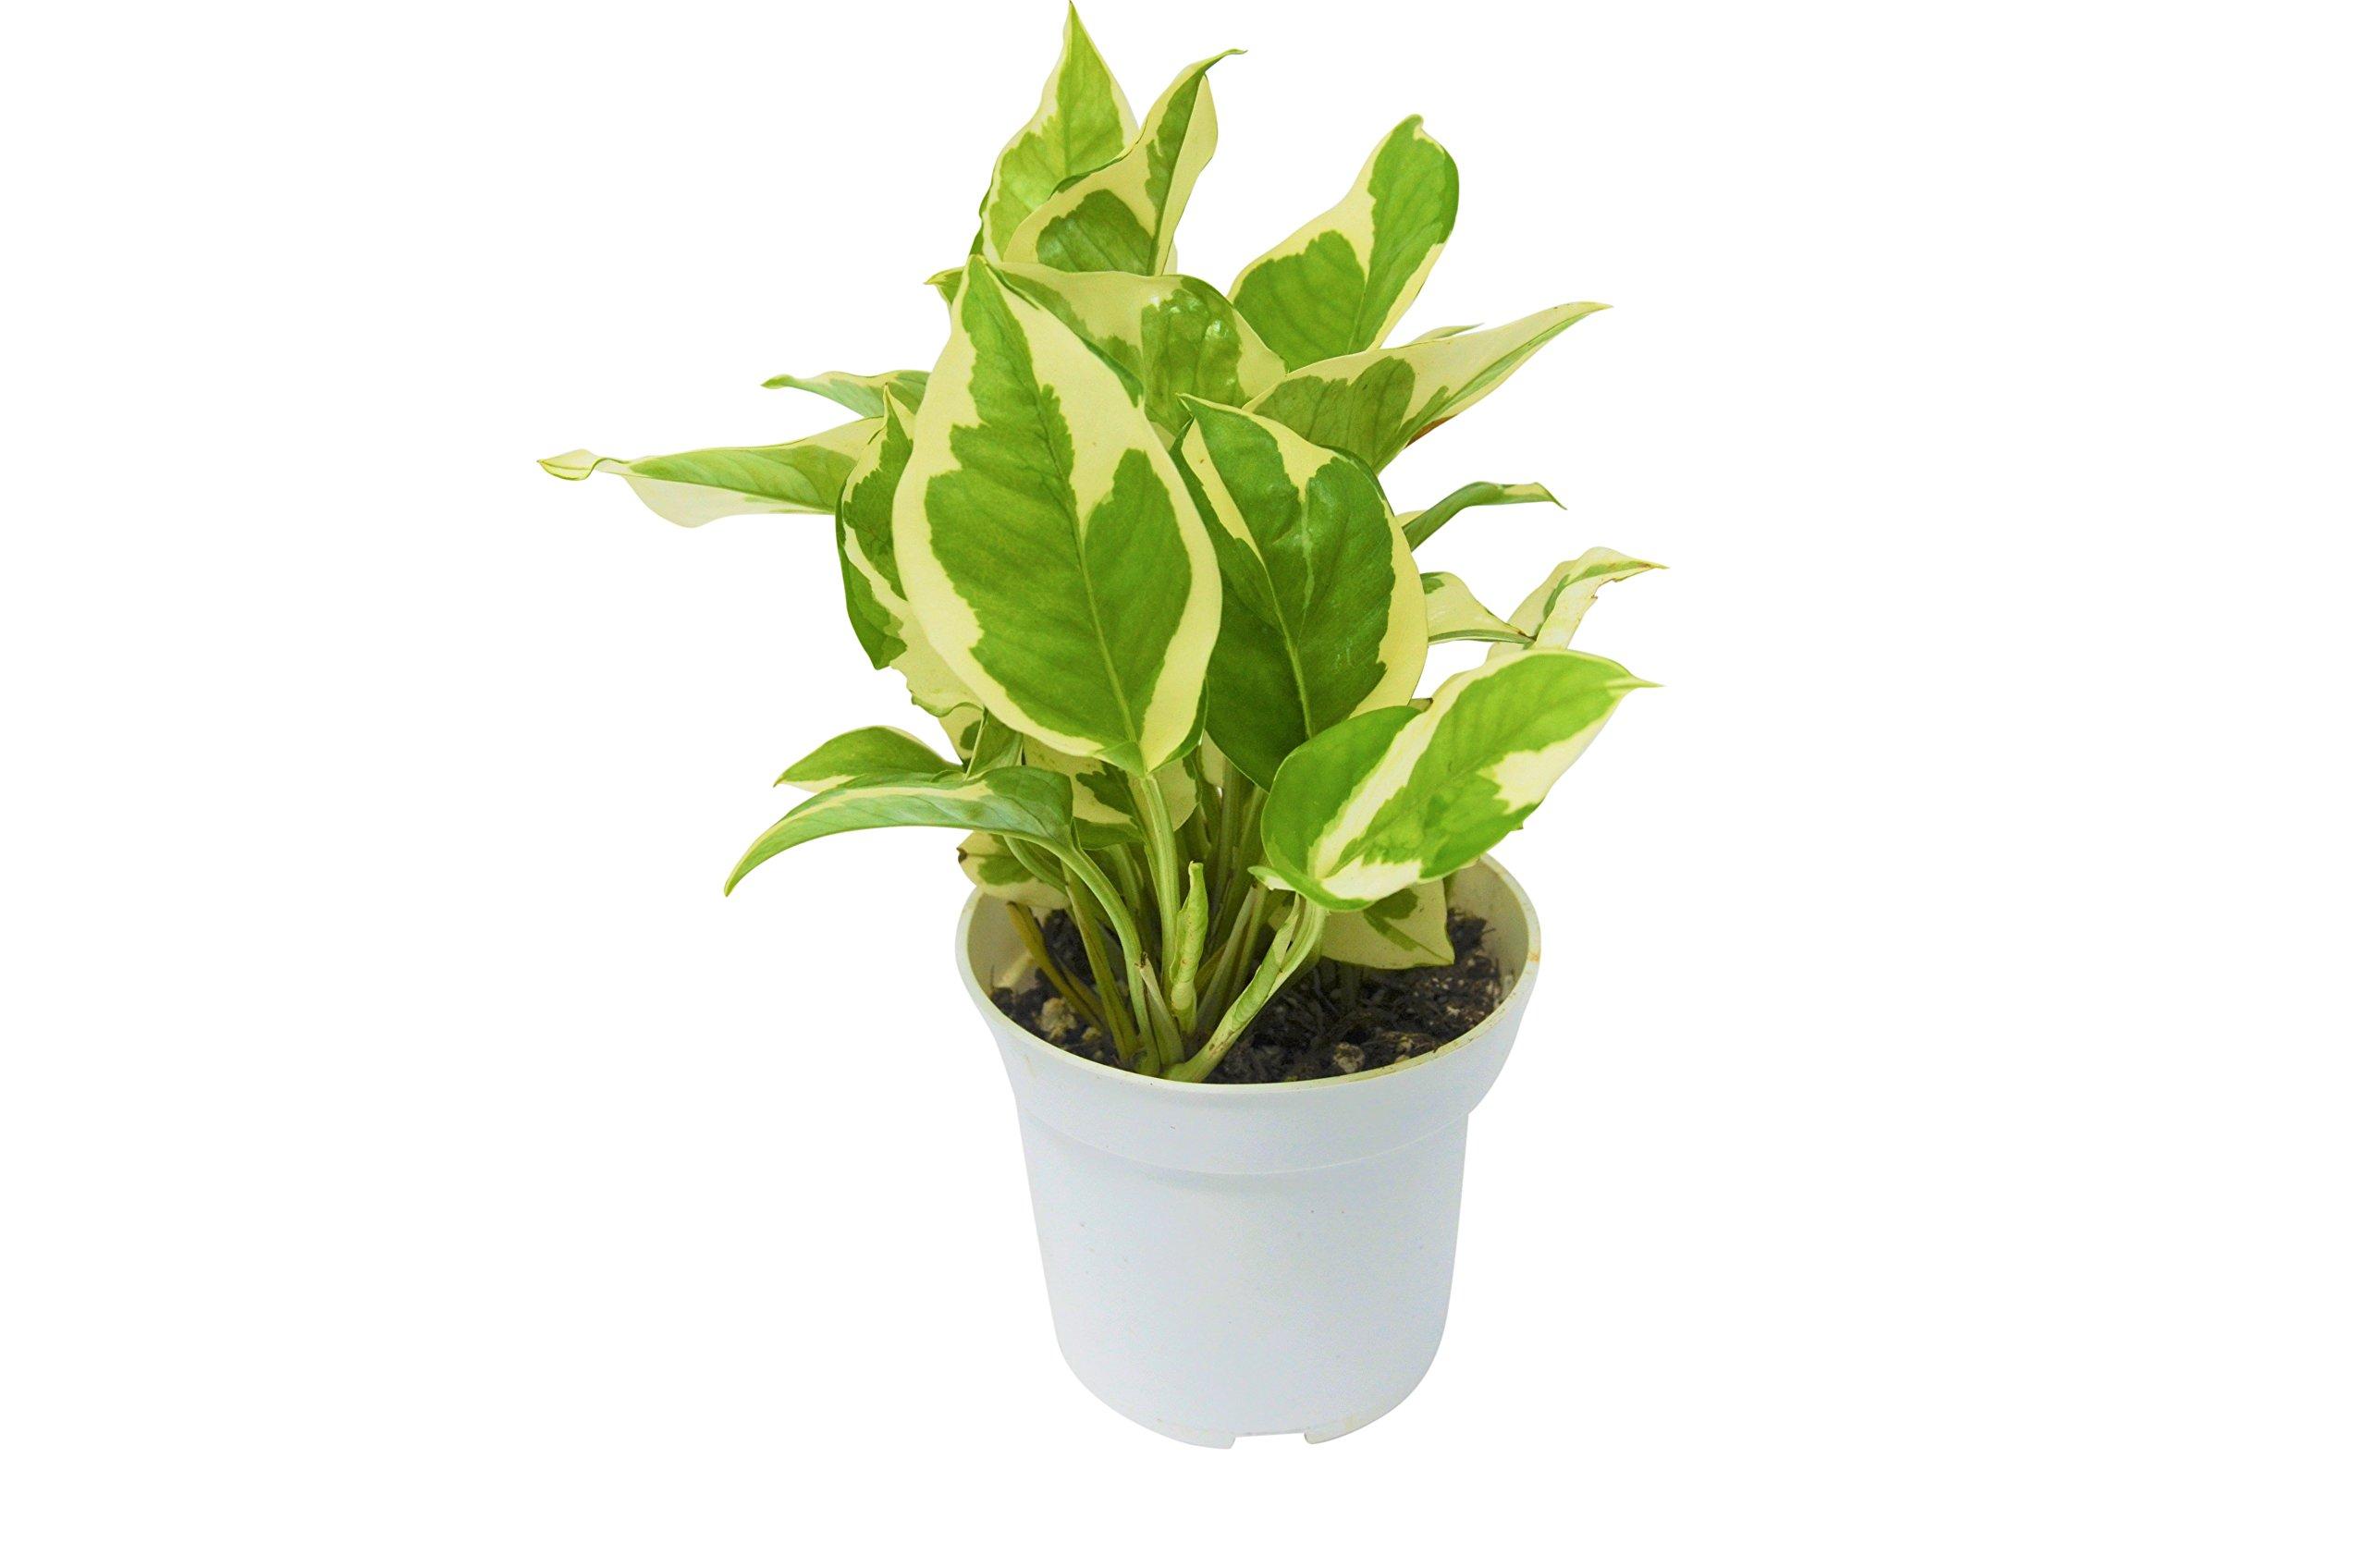 Live Pothos N'Joy in Pot - Live Plant - FREE Care Guide - 4'' Pot by House Plant Shop